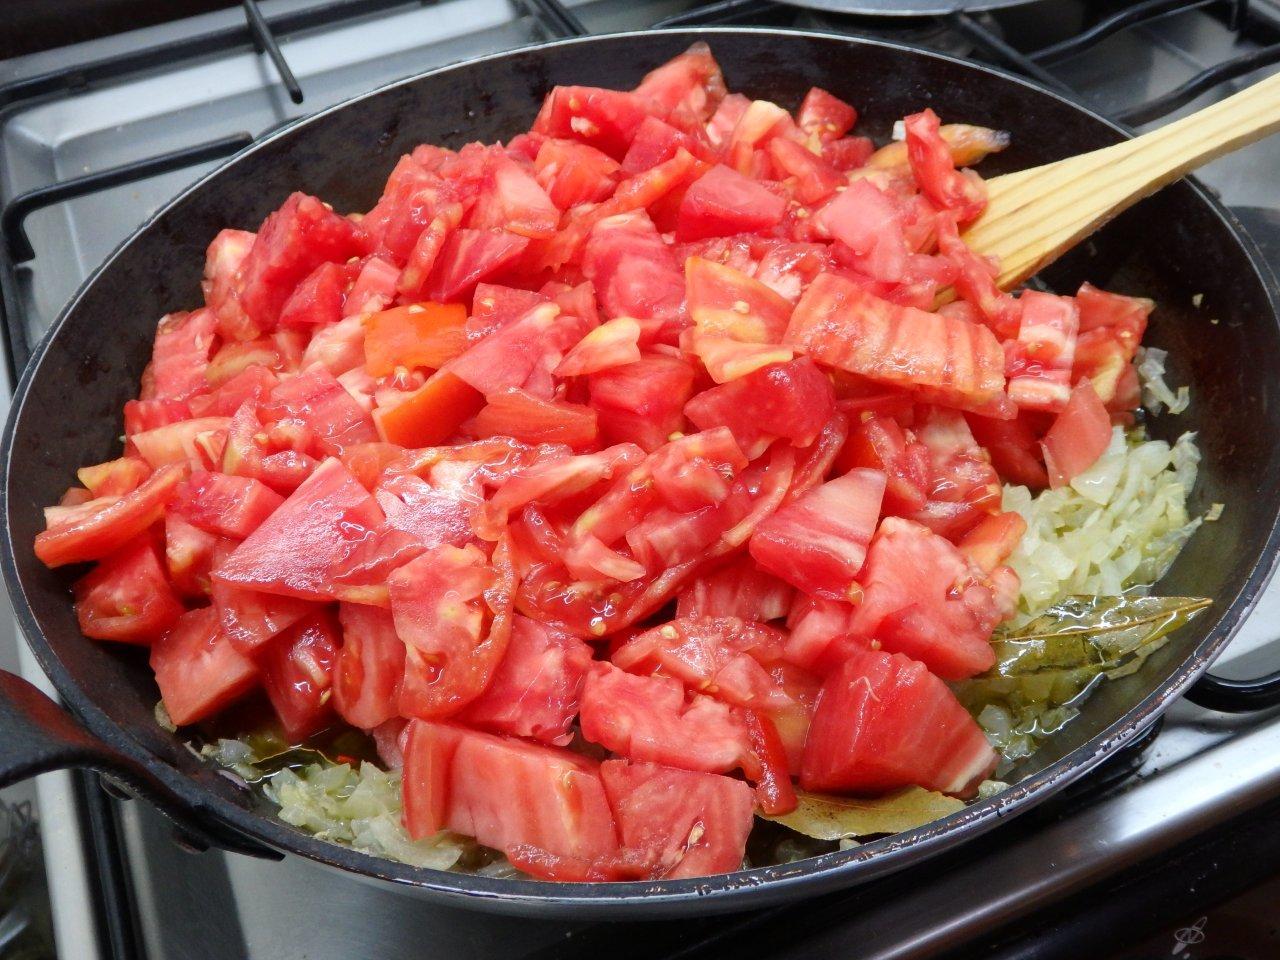 Tomatada tomatada - Tomatada